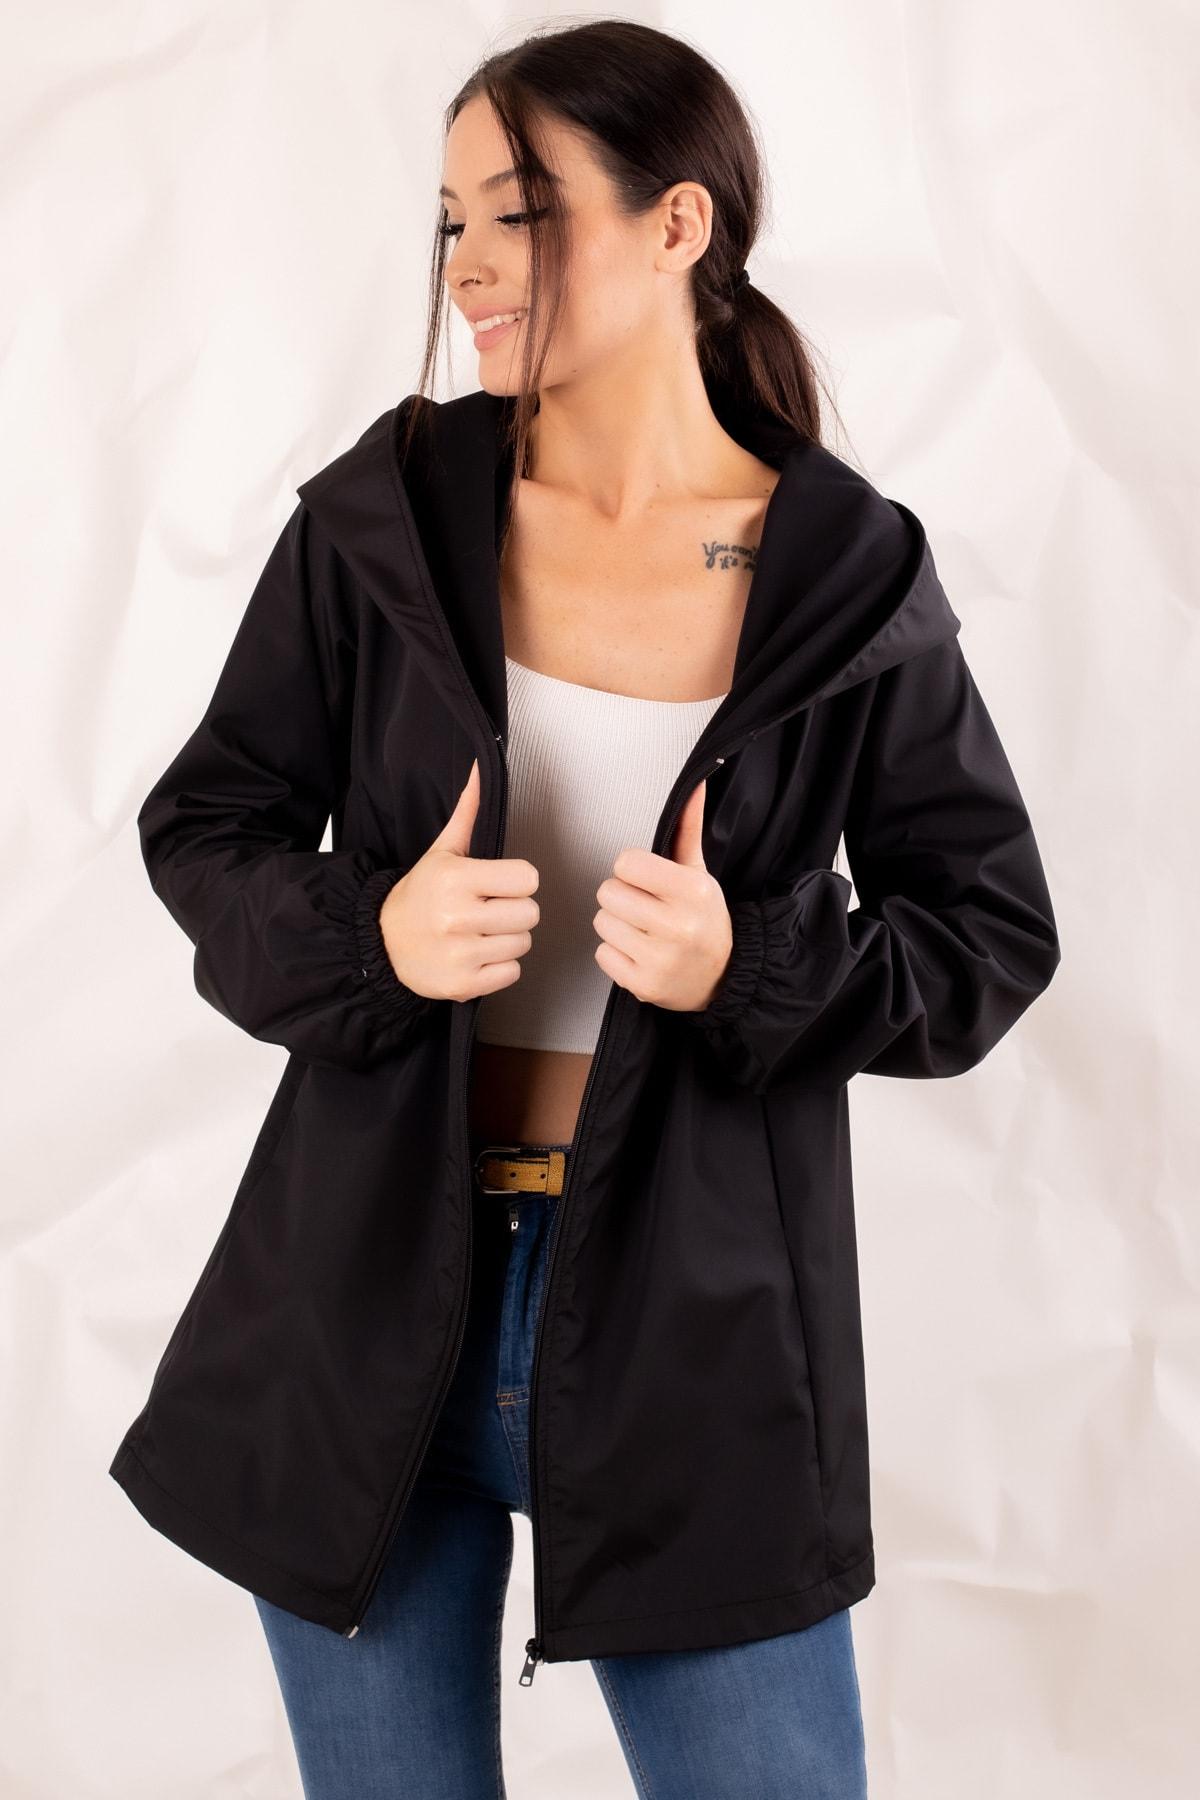 armonika Kadın Siyah Fermuarlı Kapişonlu Yağmurluk ARM-20K001187 1